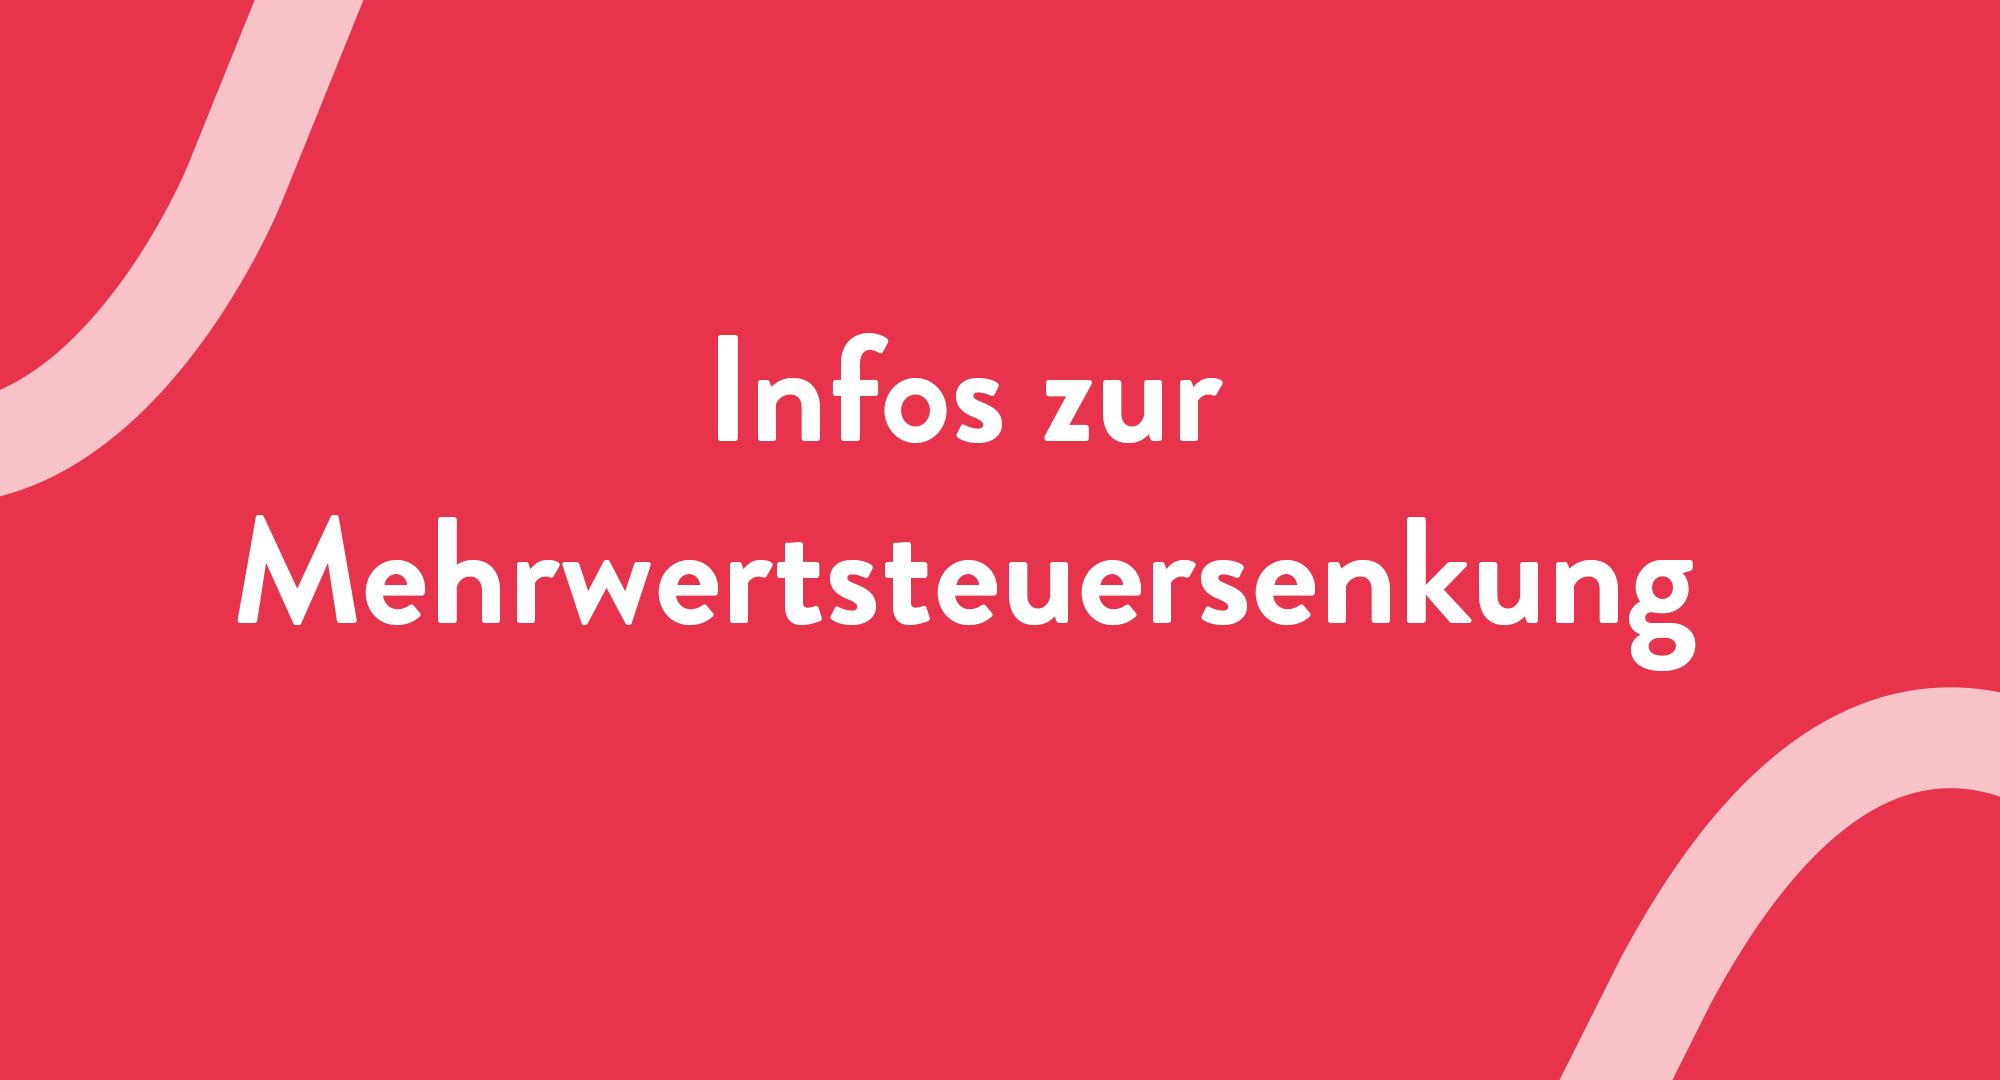 """Rote Grafik mit weißem Hinweis """"Infos zur Mehrwertsteuersenkung"""""""